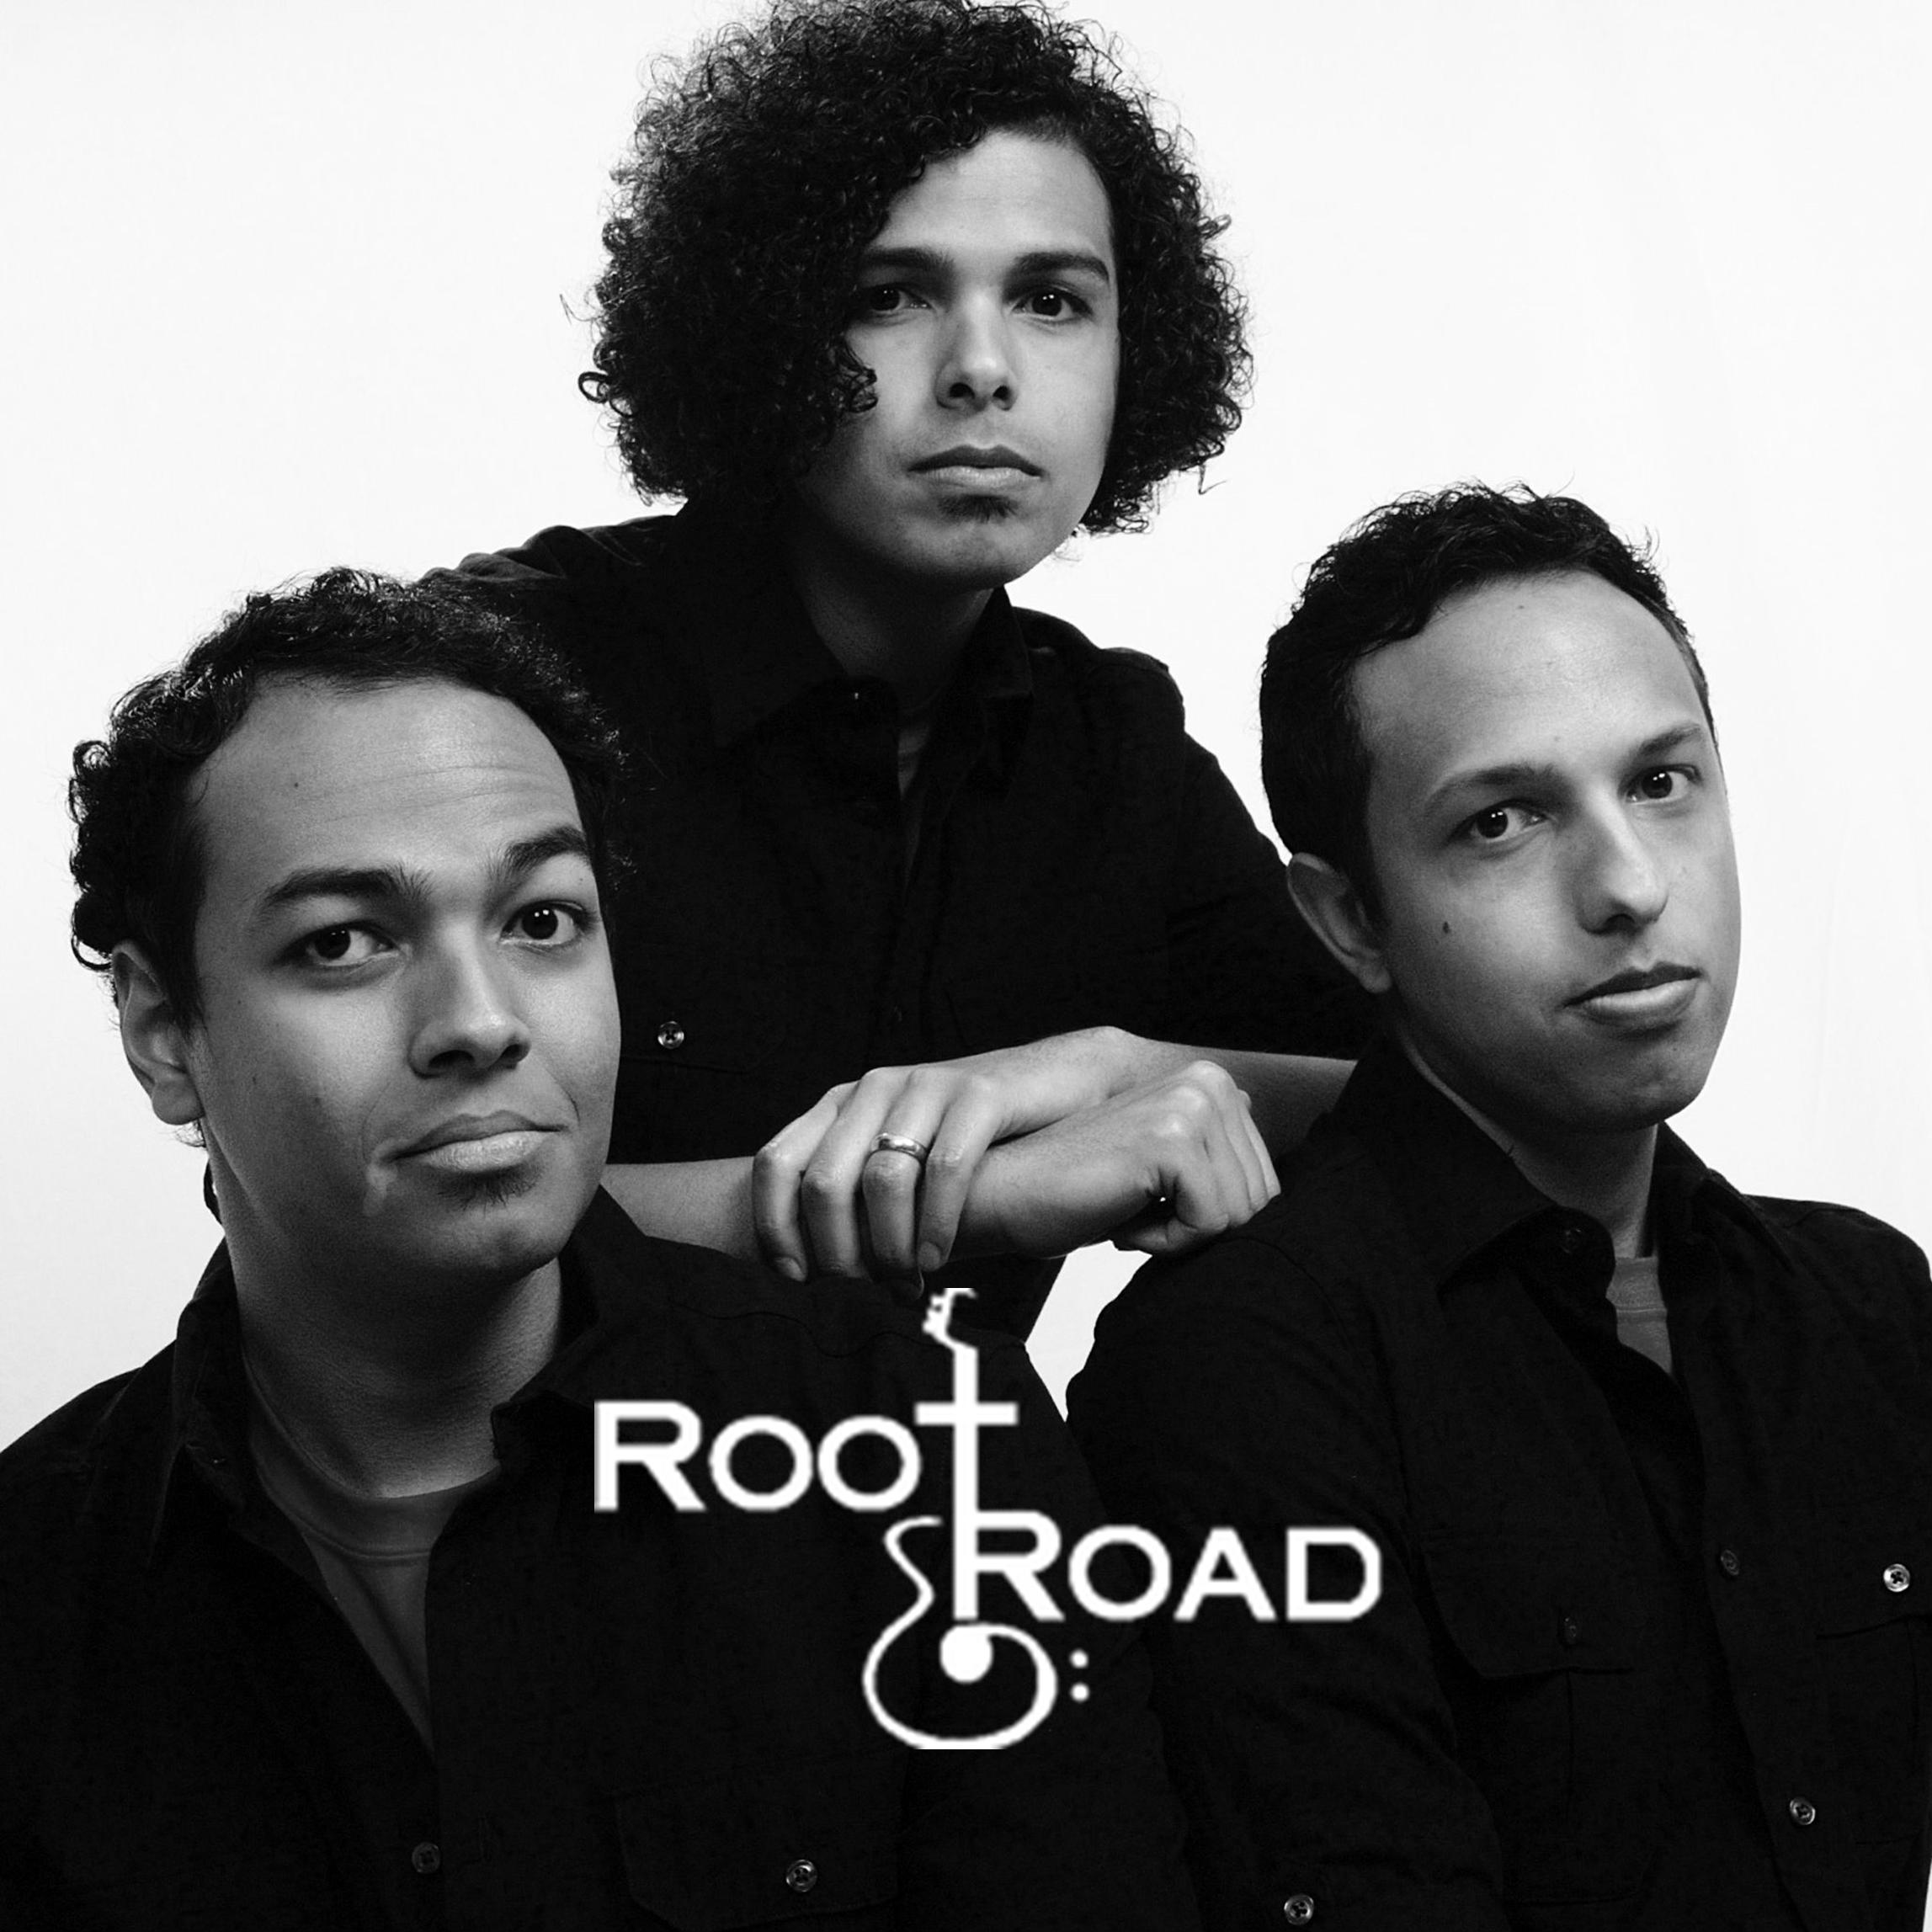 Root Road